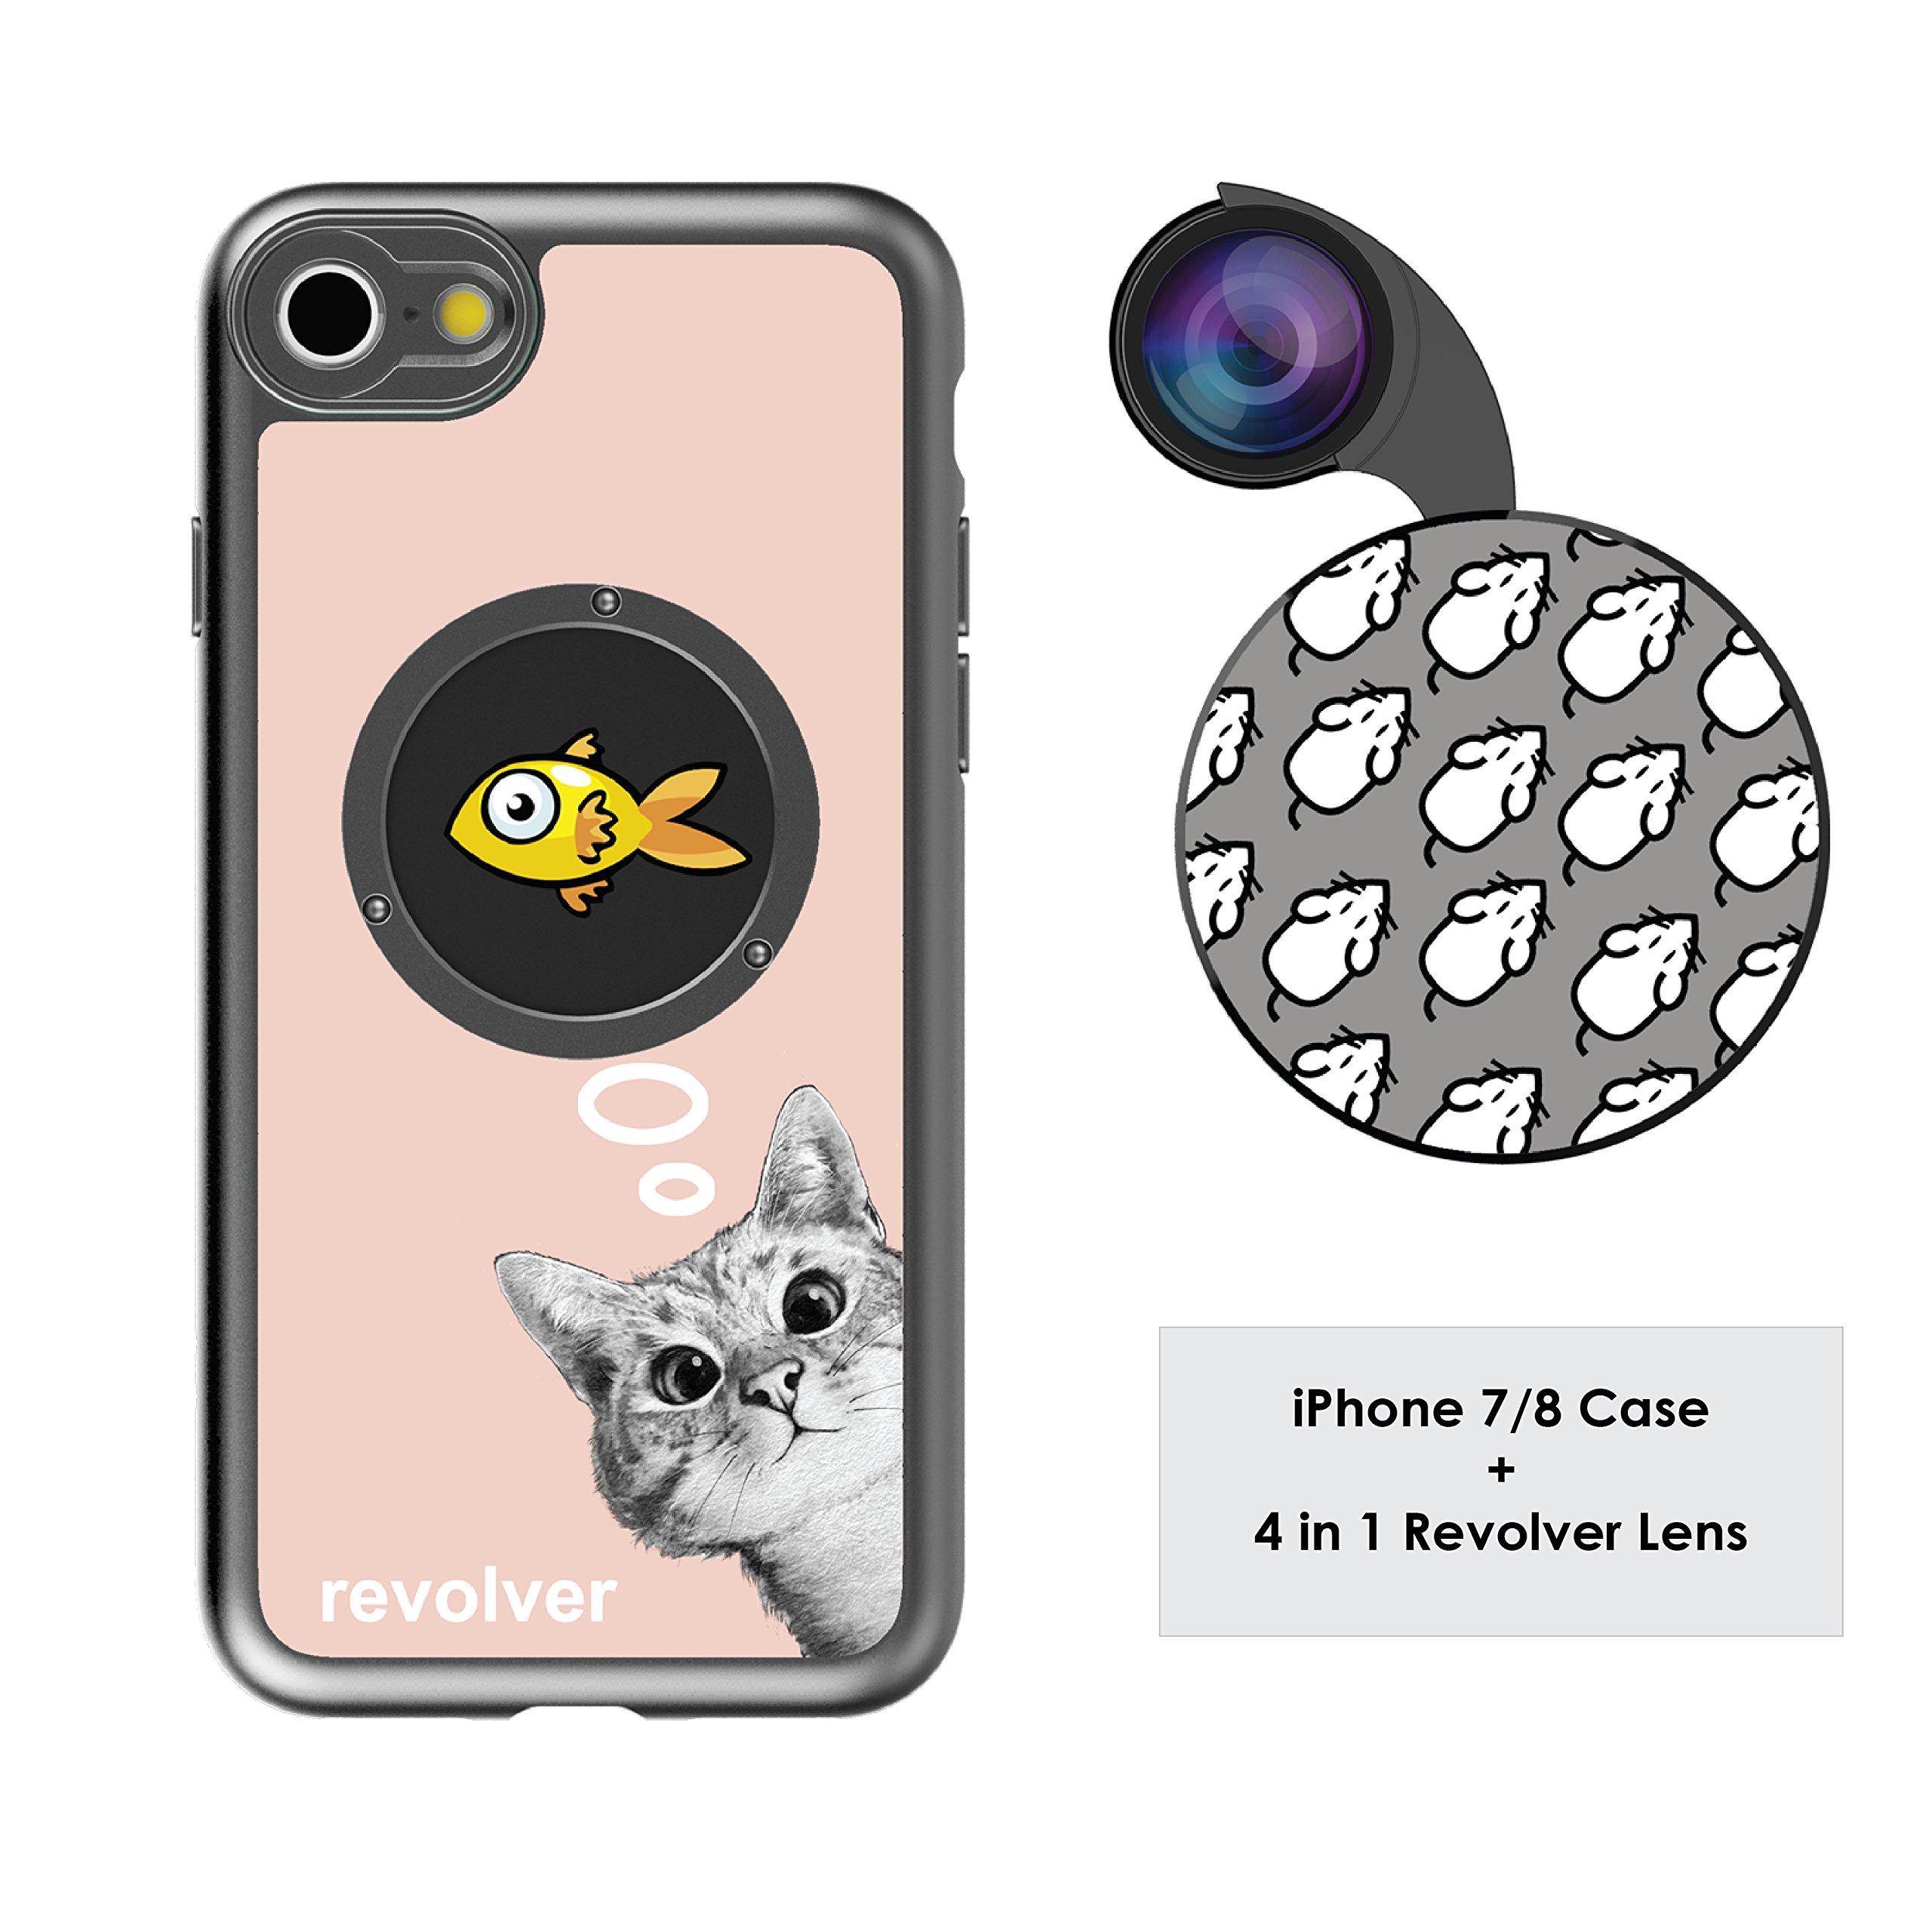 Funda y 4  Lentes Ztylus Revolver p/ iPhone 7/8 - Sneaky ...